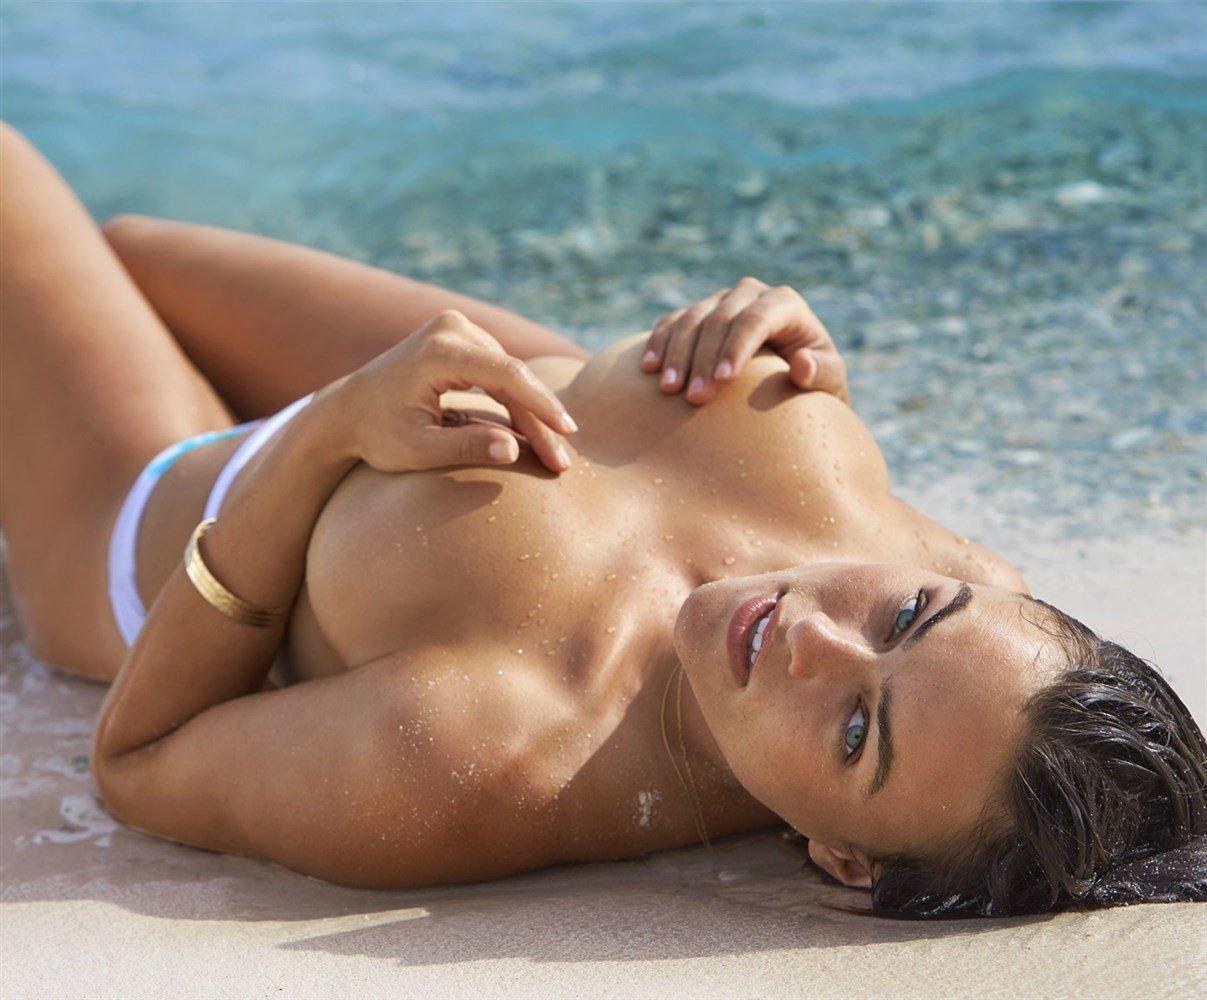 Uncensored Women Nudity